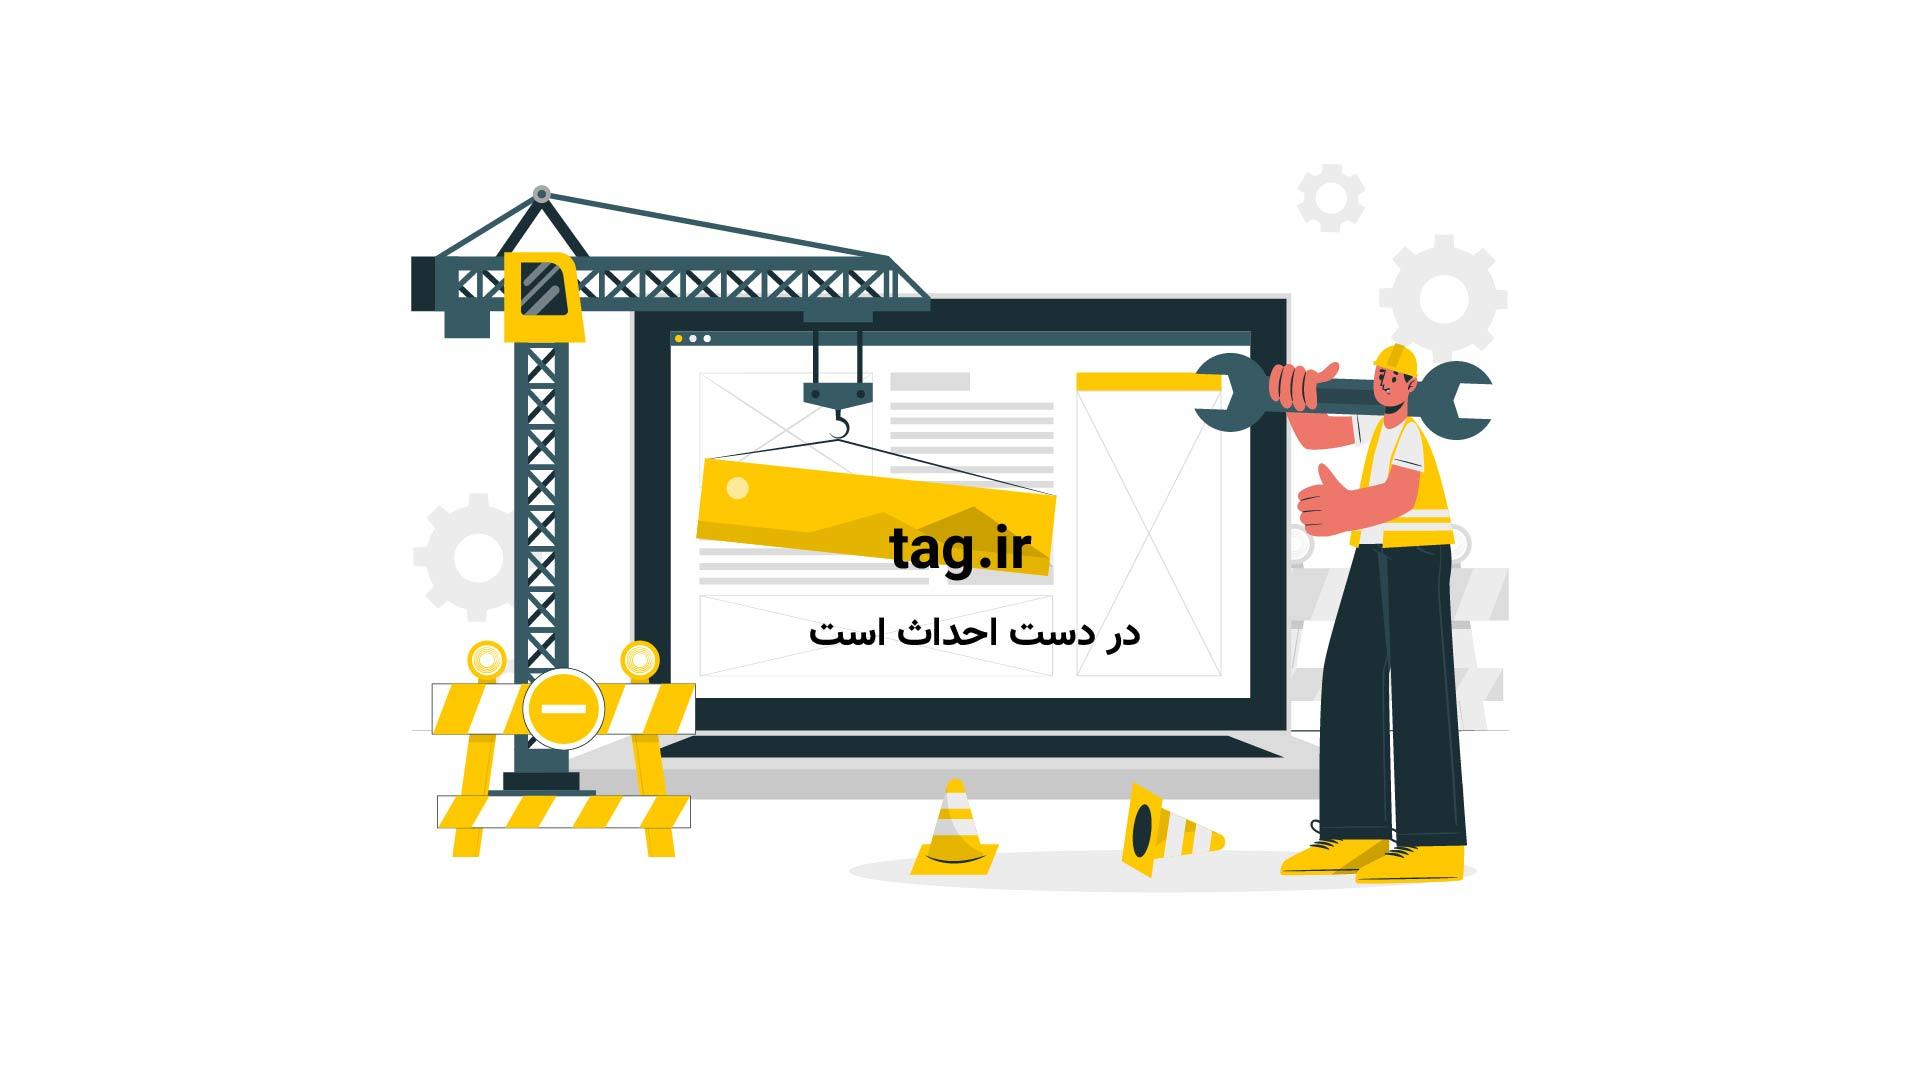 تار عنکبوت | تگ